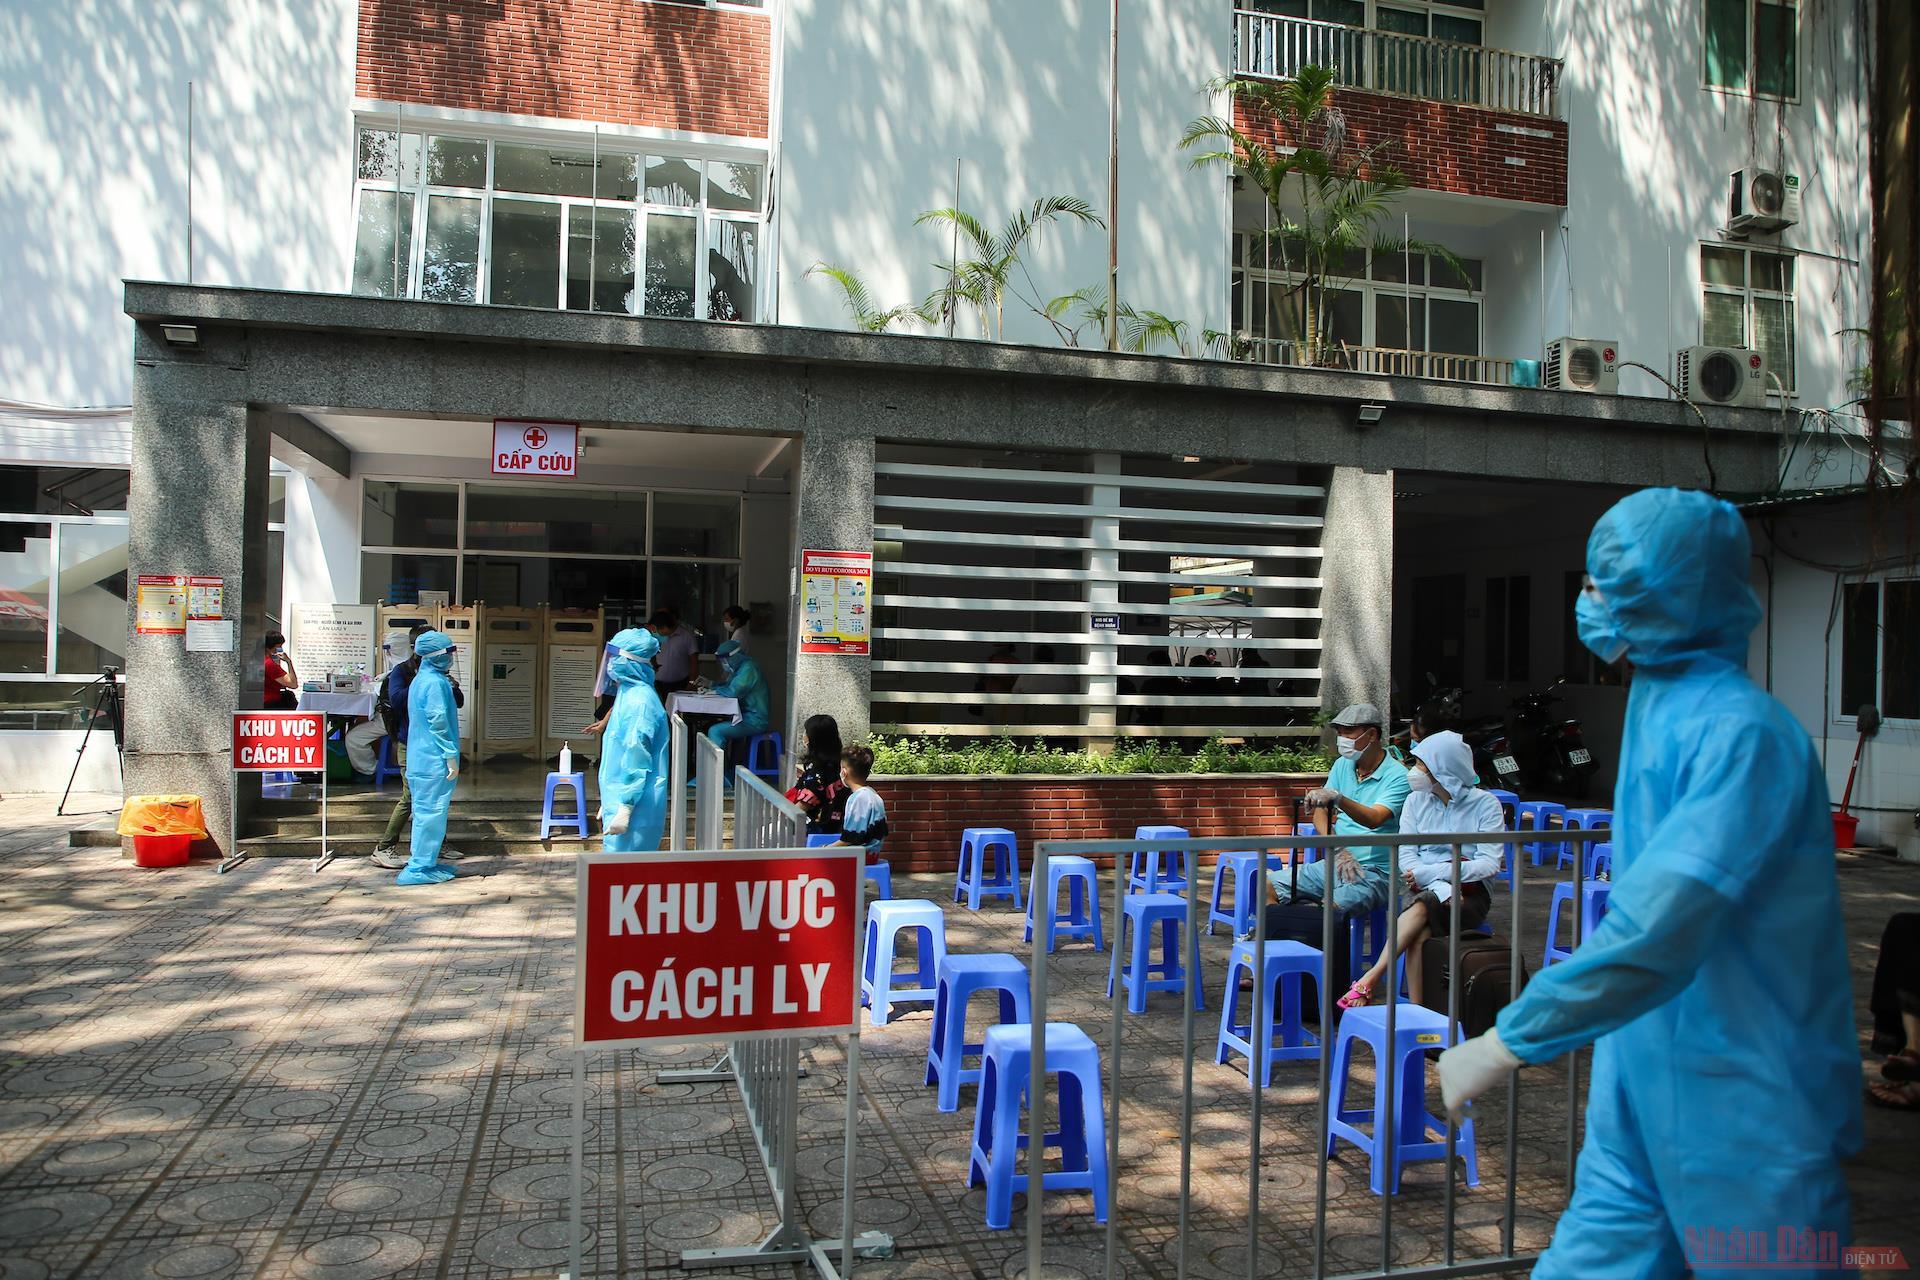 Hà Nội: Một trường hợp về từ Đà Nẵng test nhanh nghi mắc COVID-19 - Ảnh 1.